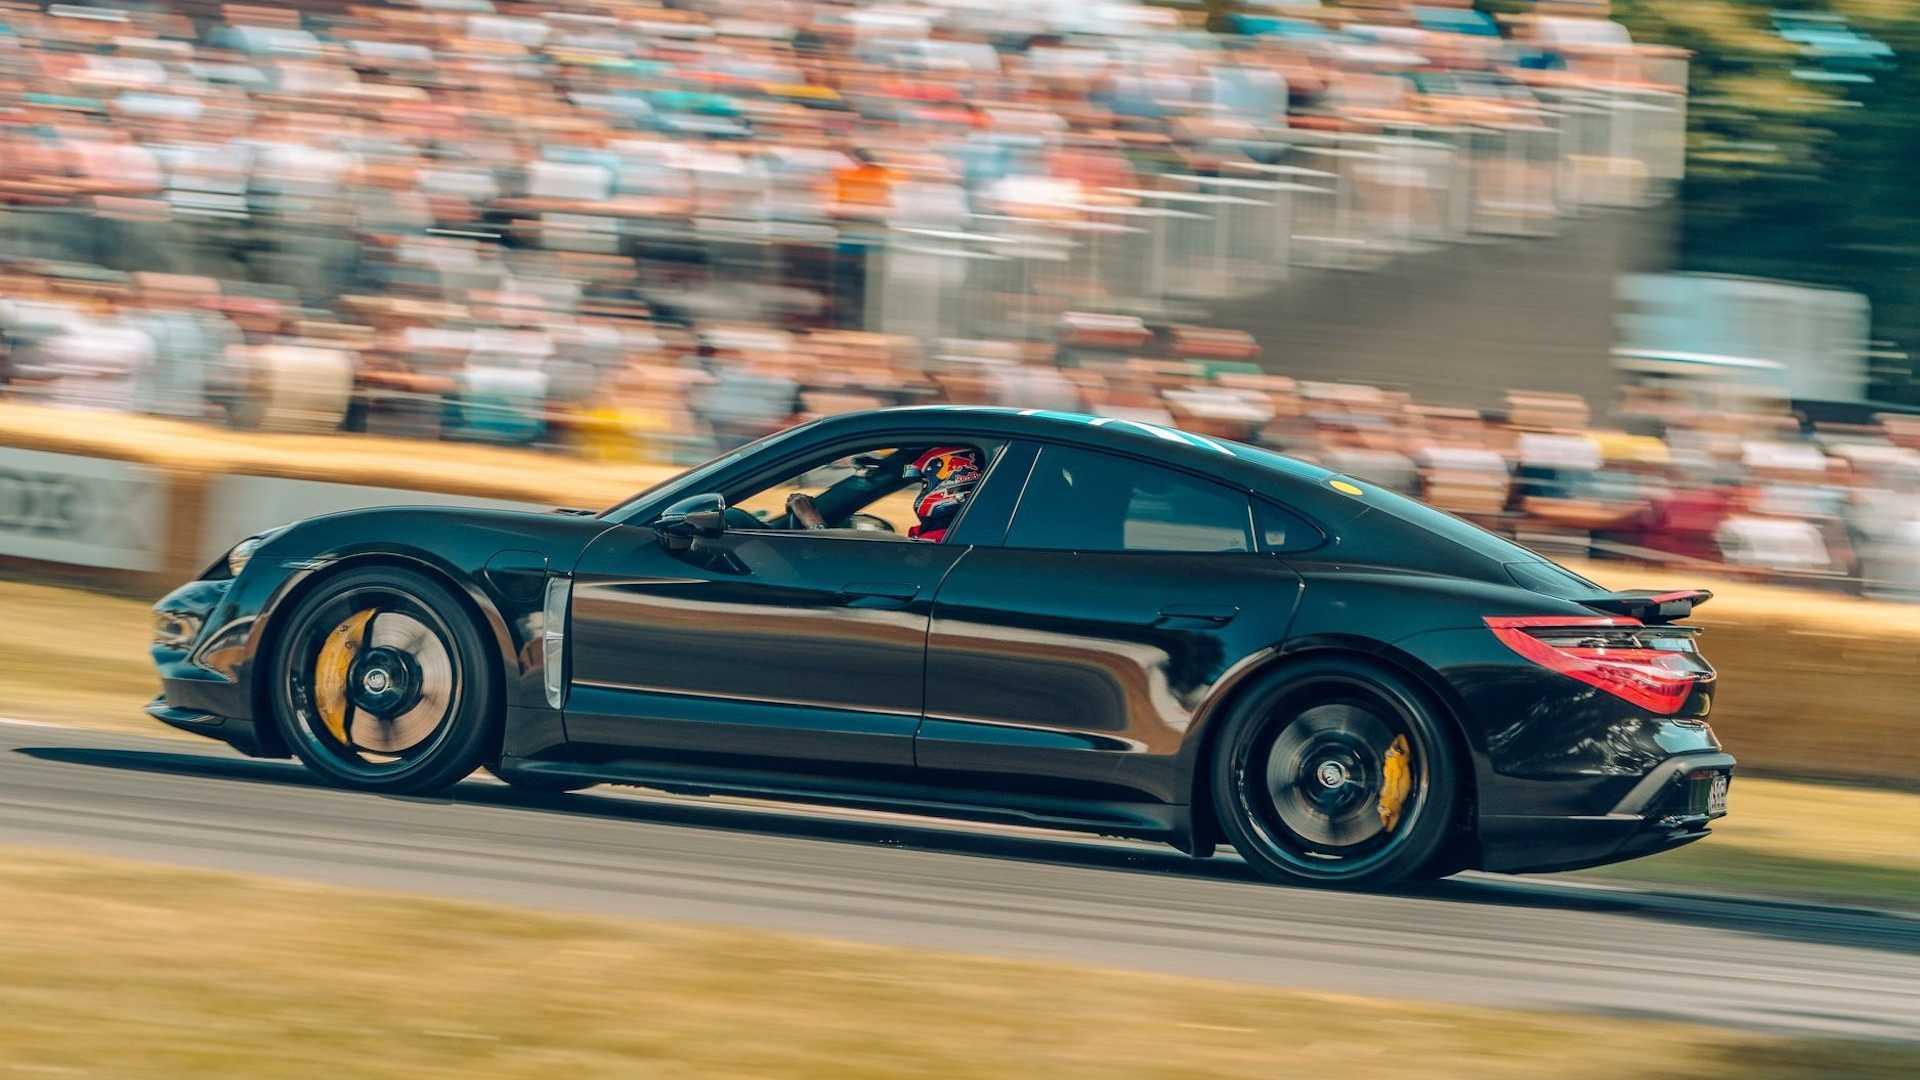 Прототип электрического седана Porsche Taycan замечен на финальных тестах